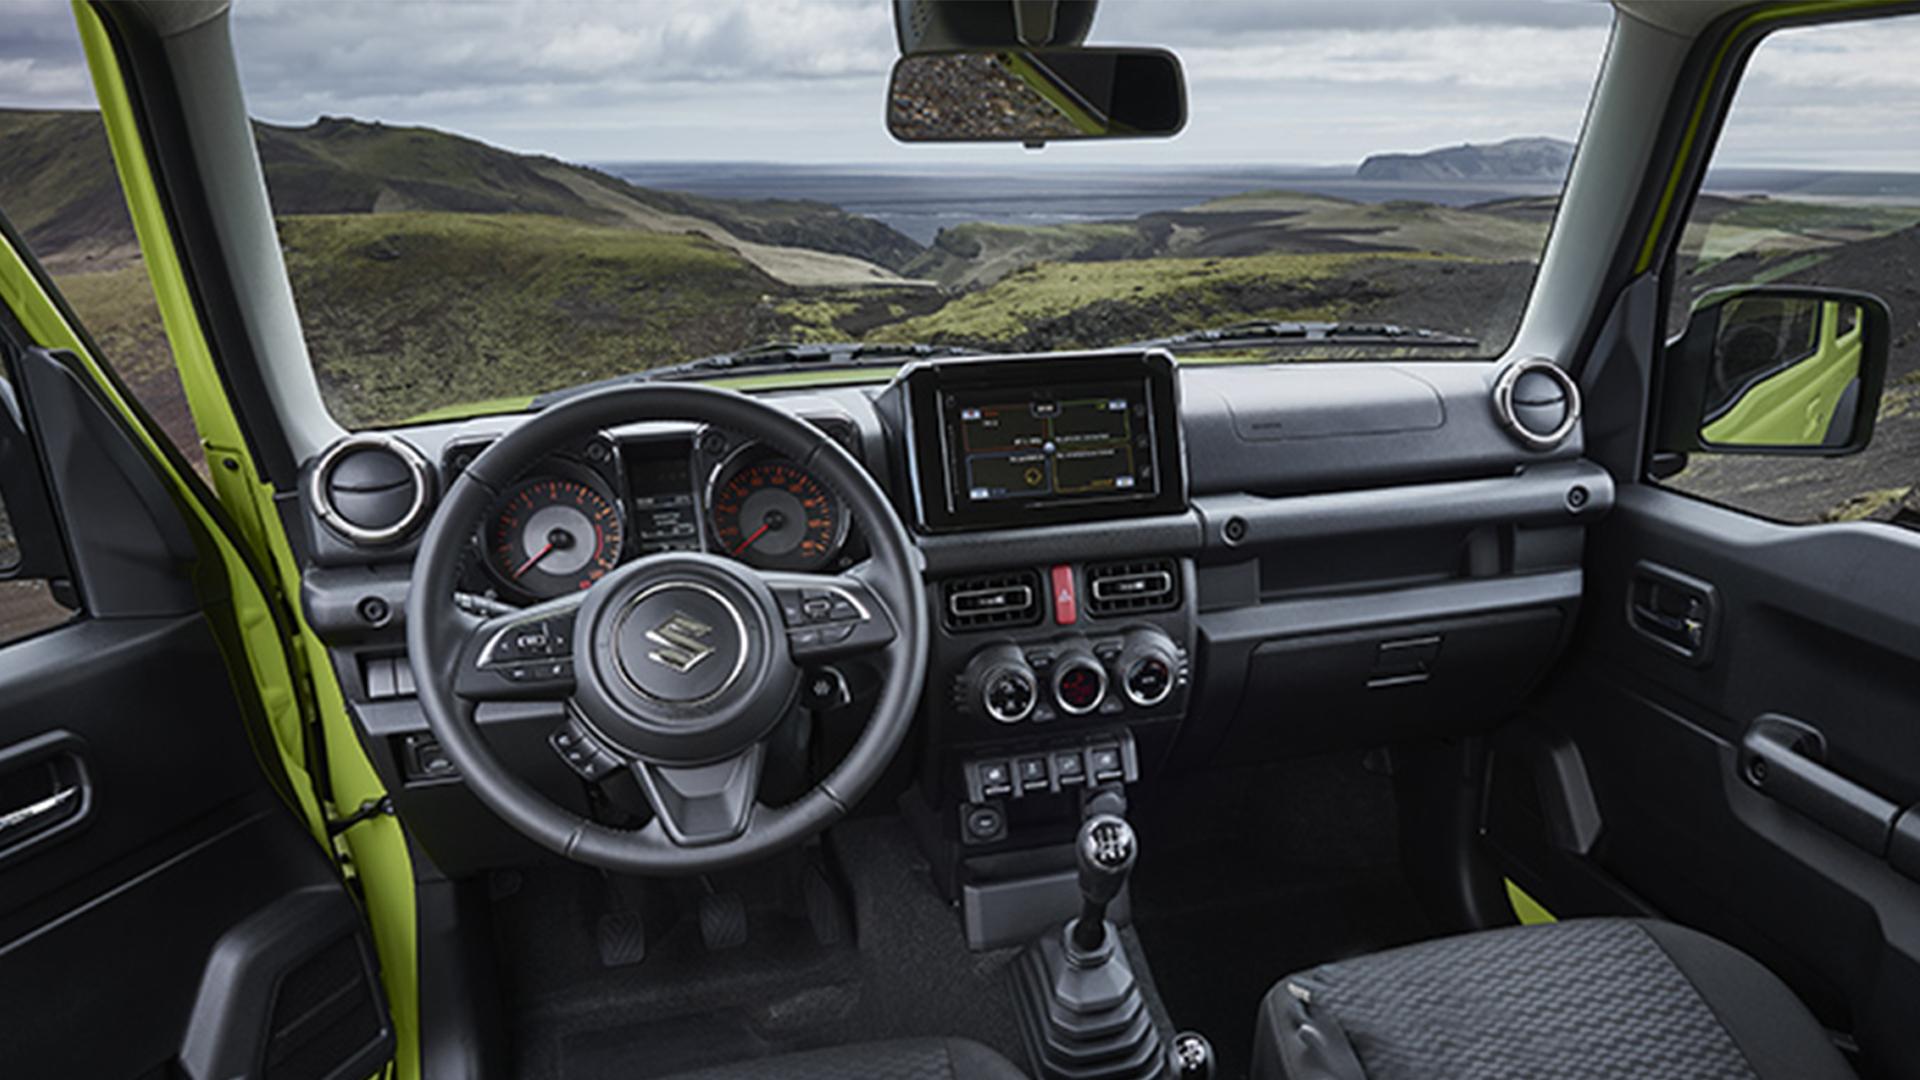 Maruti Suzuki Jimny 2018 Price Mileage Reviews